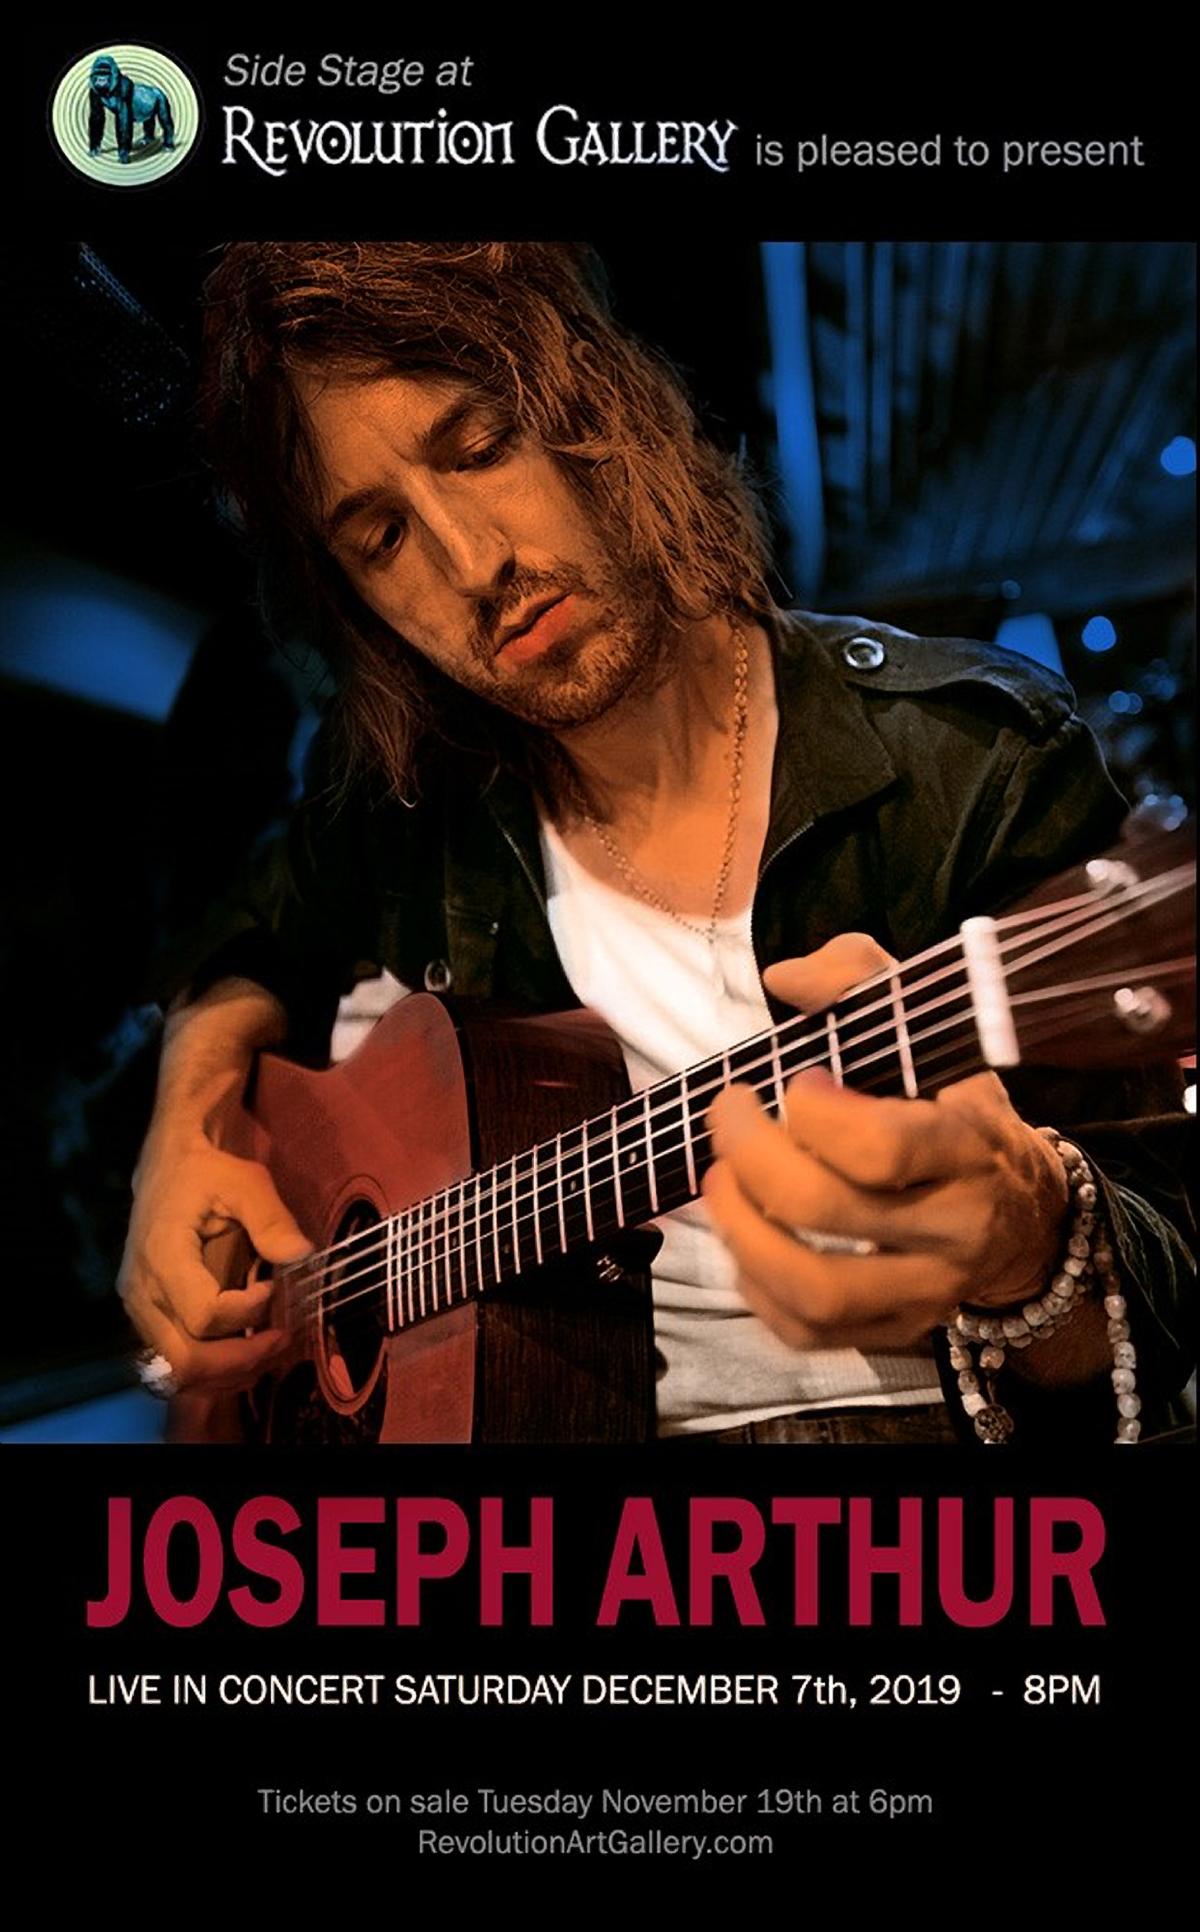 thumbnail_joseph arthur promo3 copy